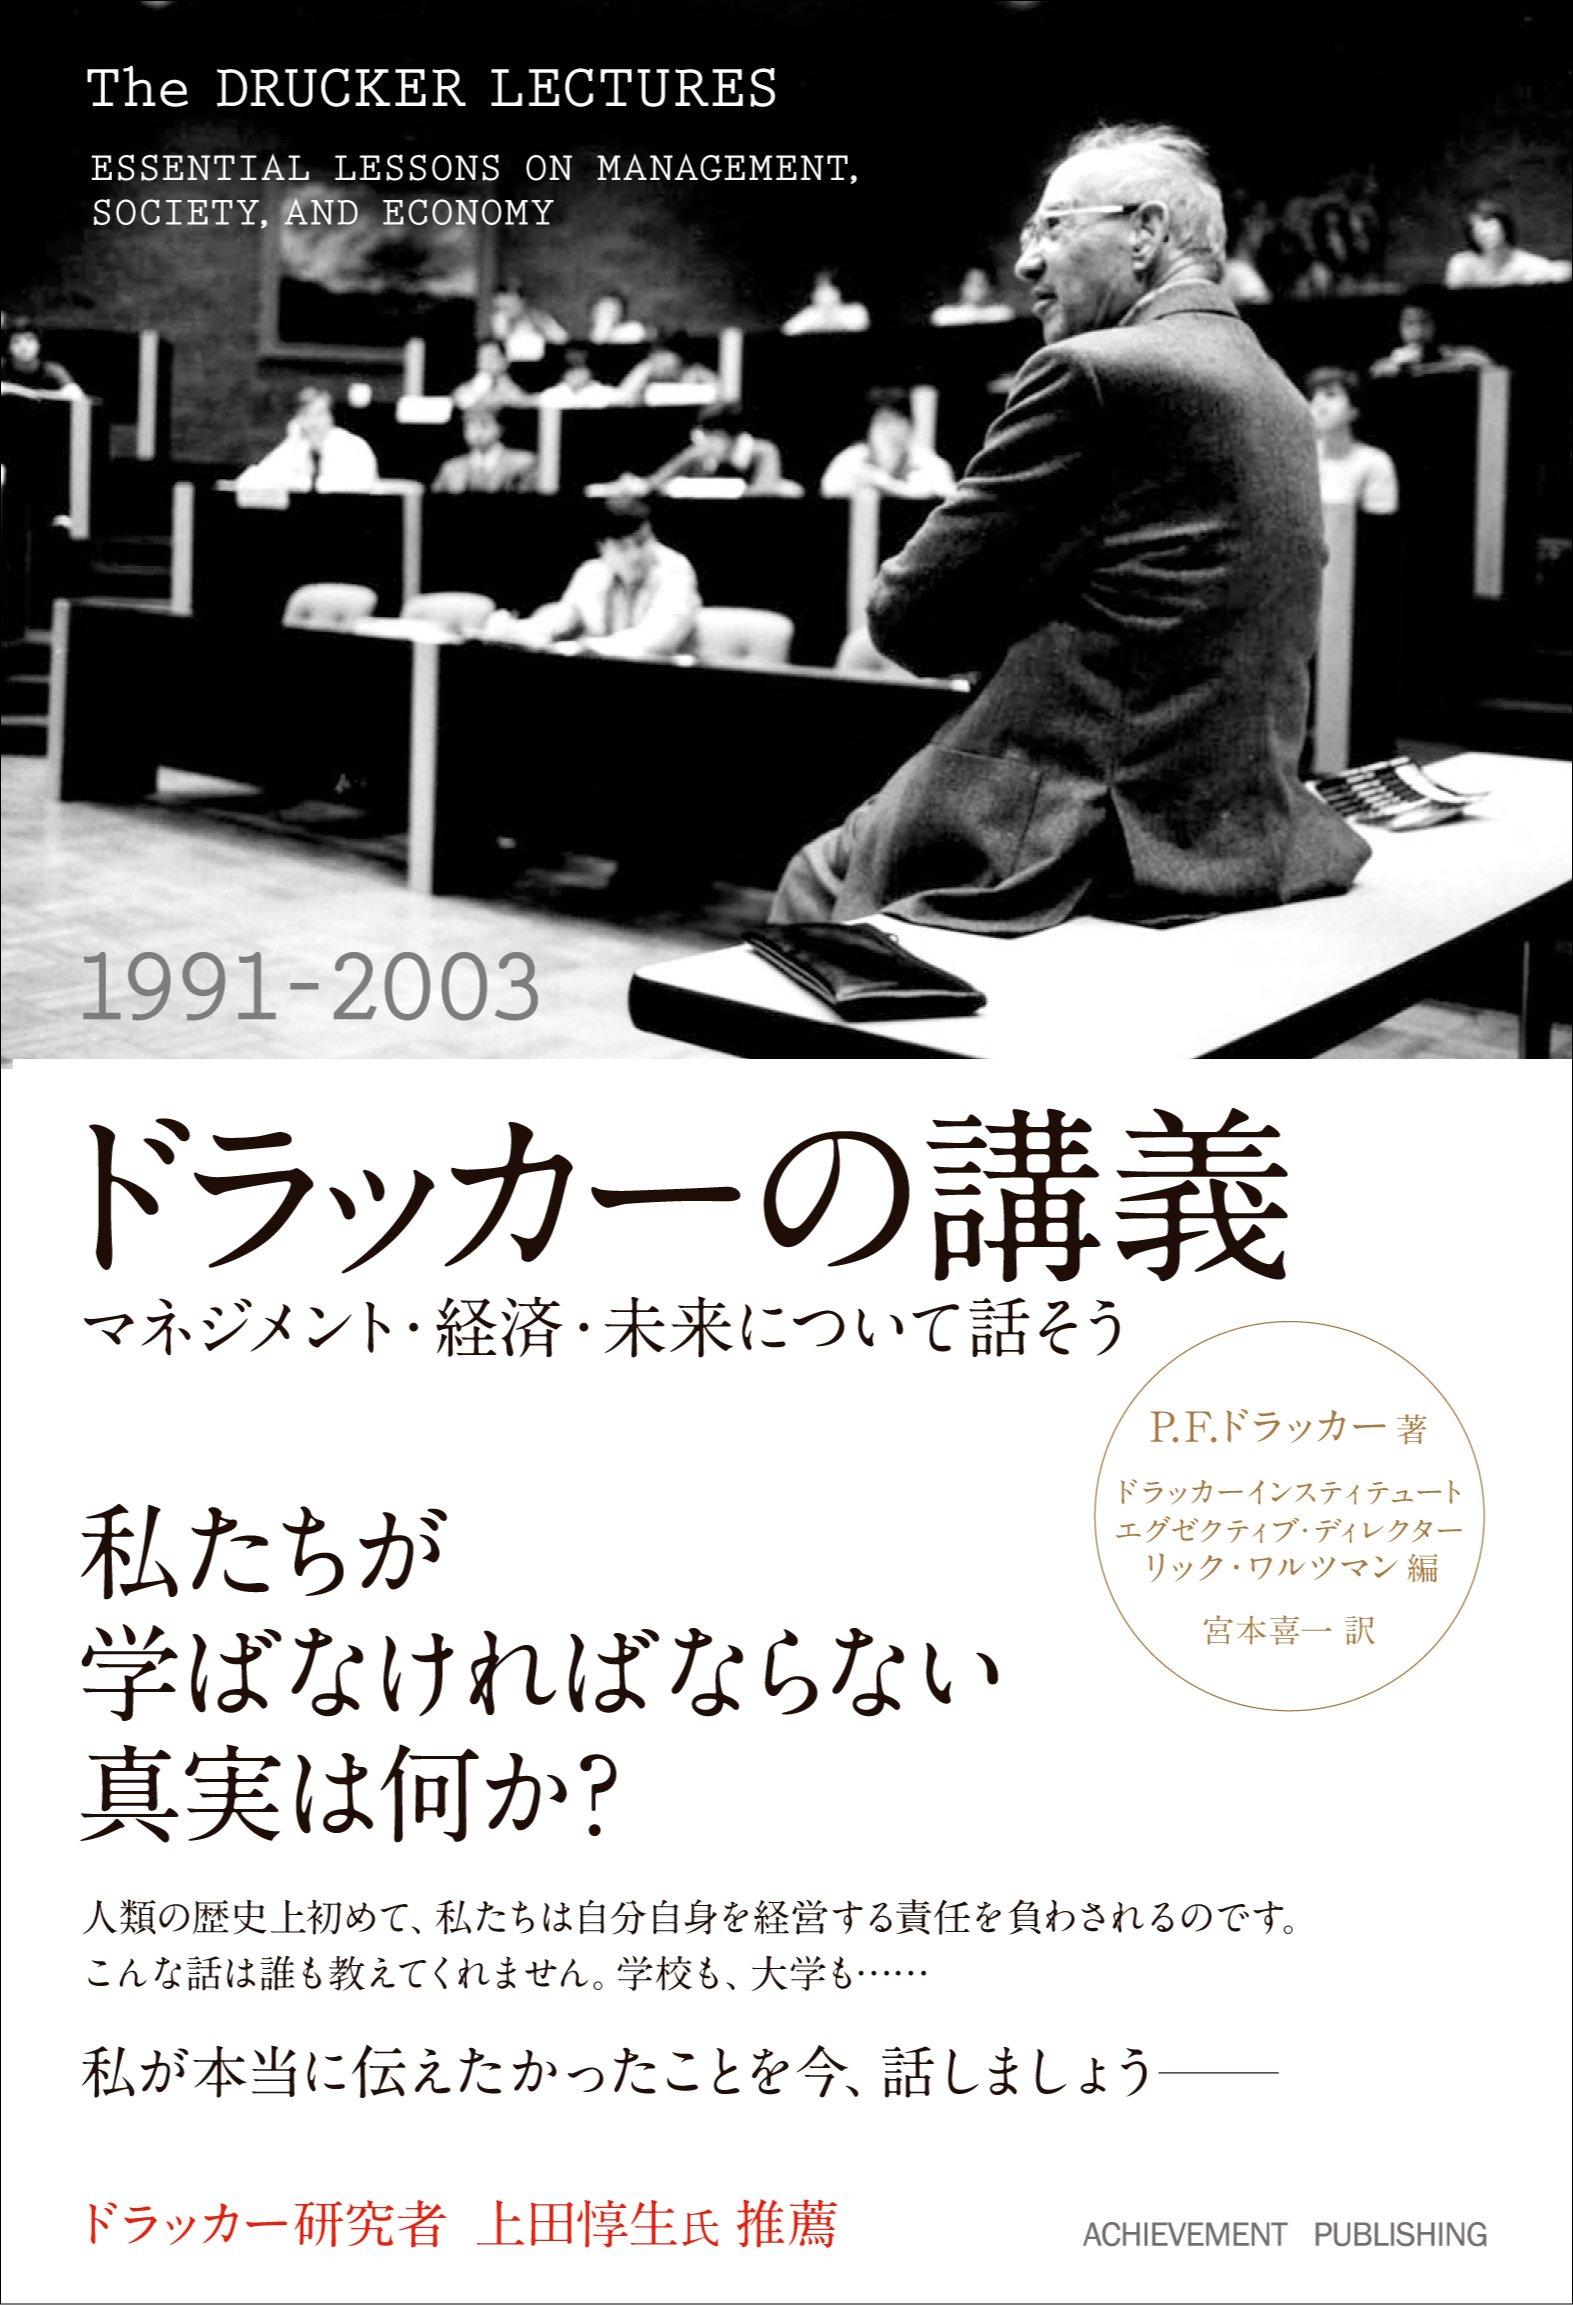 ドラッカーの講義(1991-2003) ~マネジメント・経済・未来について話そう~の画像1